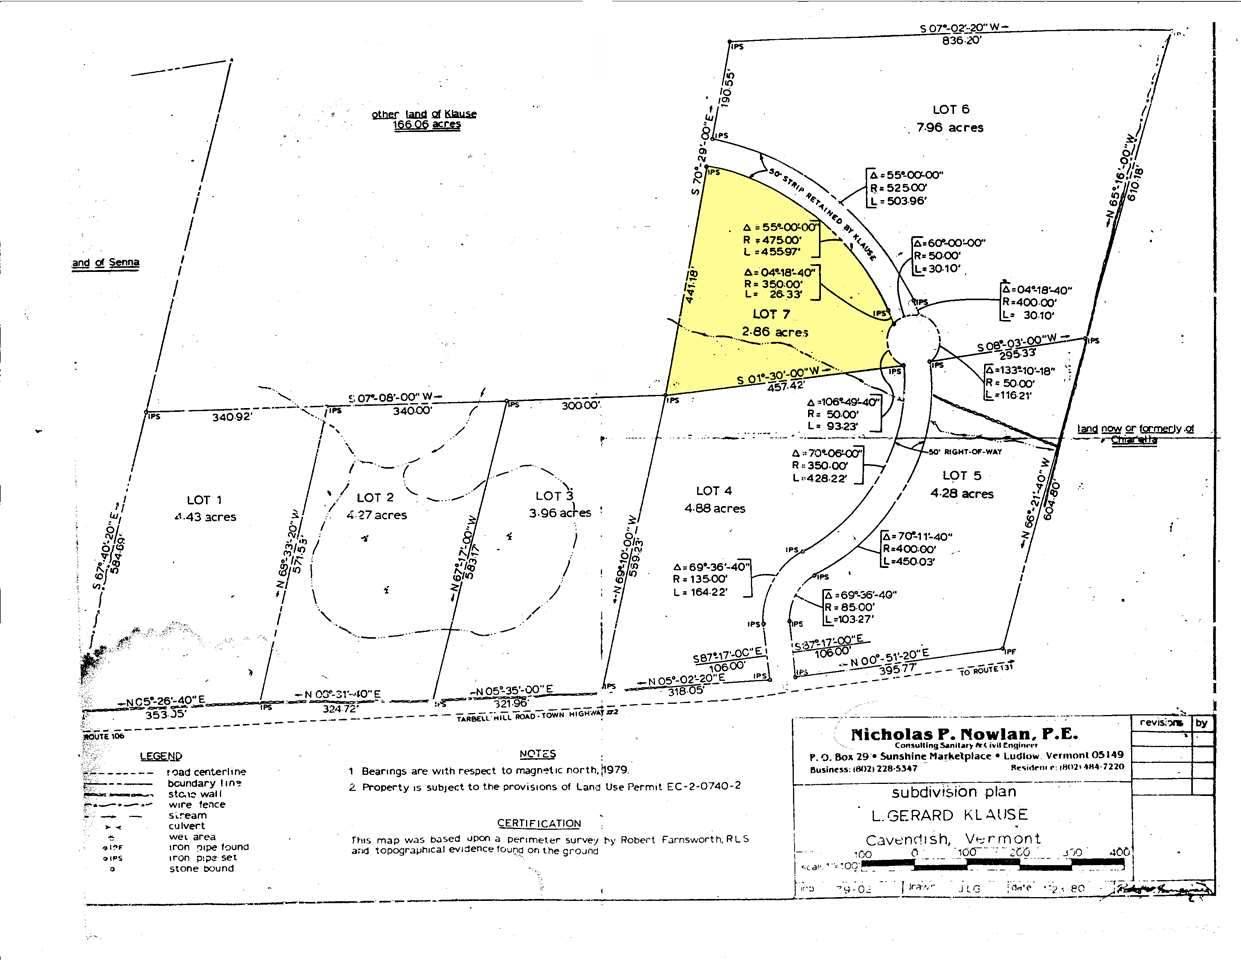 VILLAGE OF PROCTORSVILLE IN TOWN OF CAVENDISH VTLand / Acres for sale